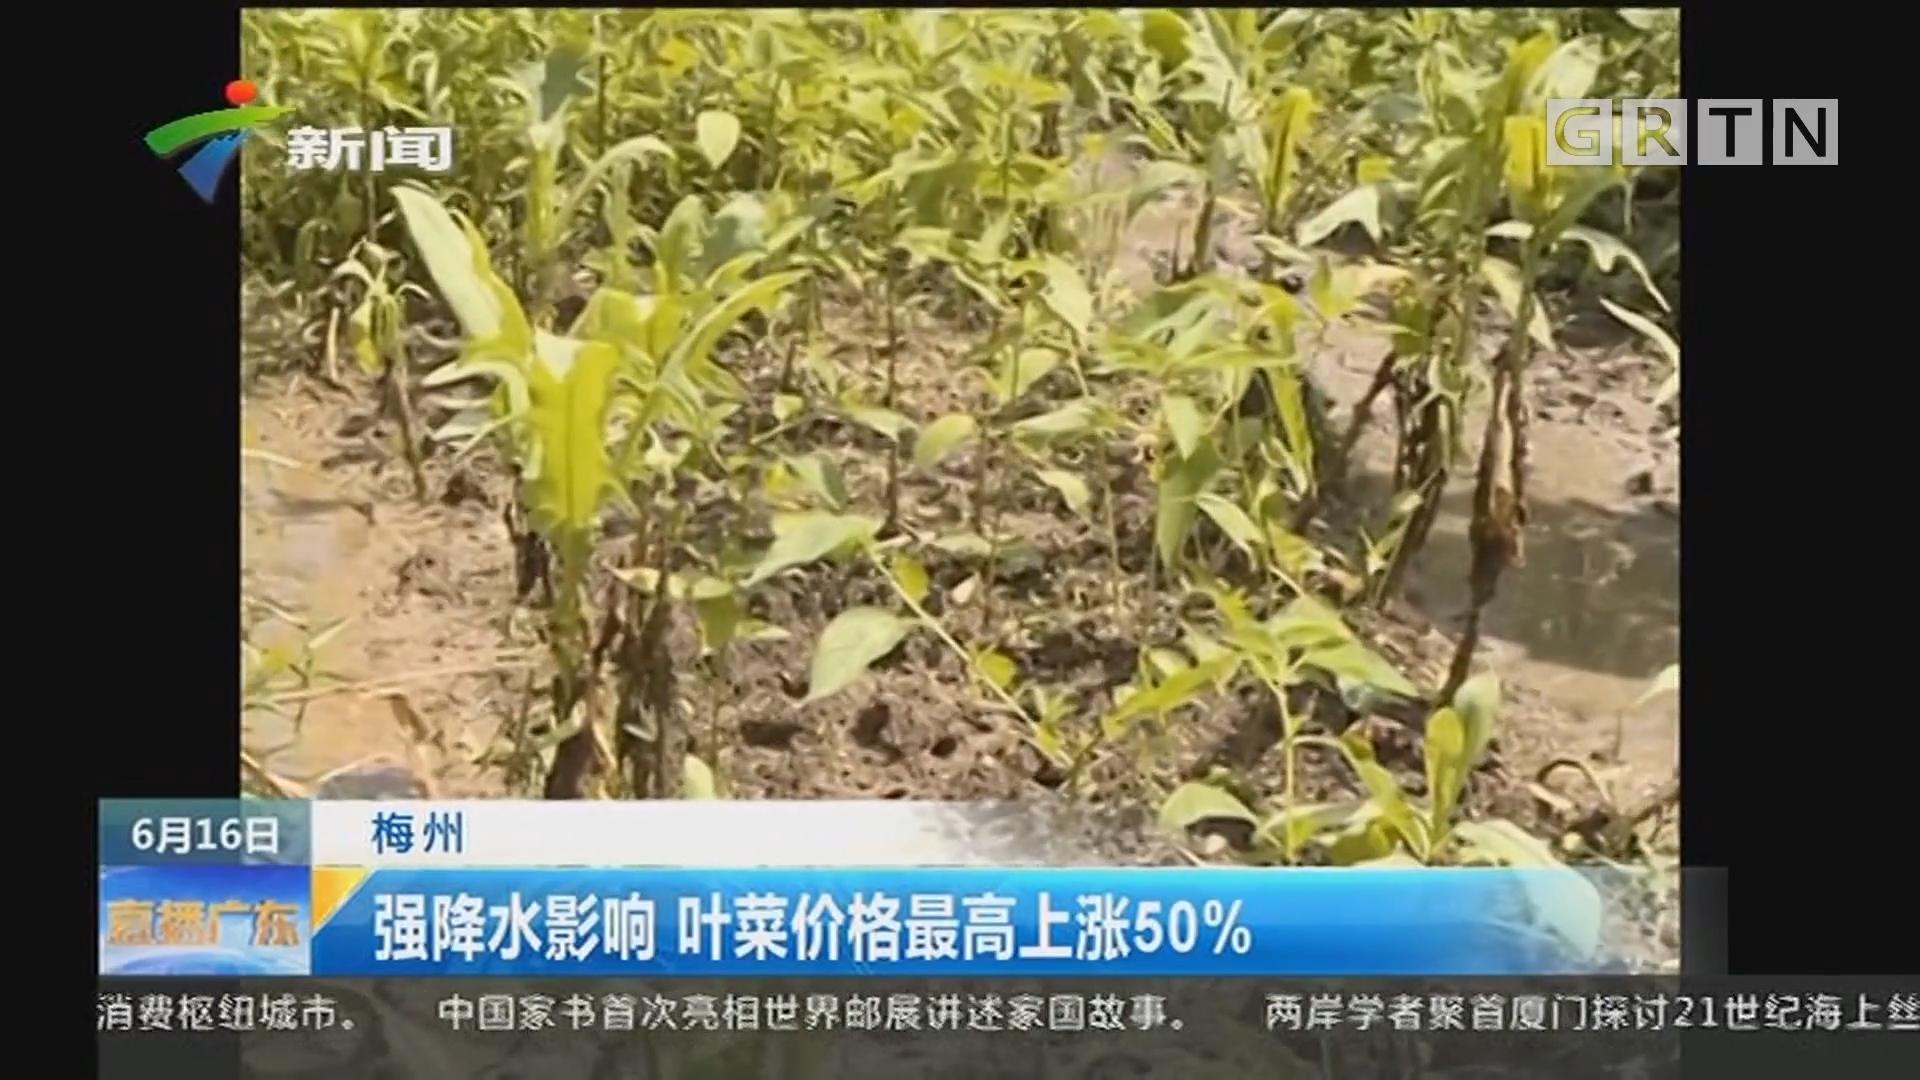 梅州:强降水影响 叶菜价格最高上涨50%